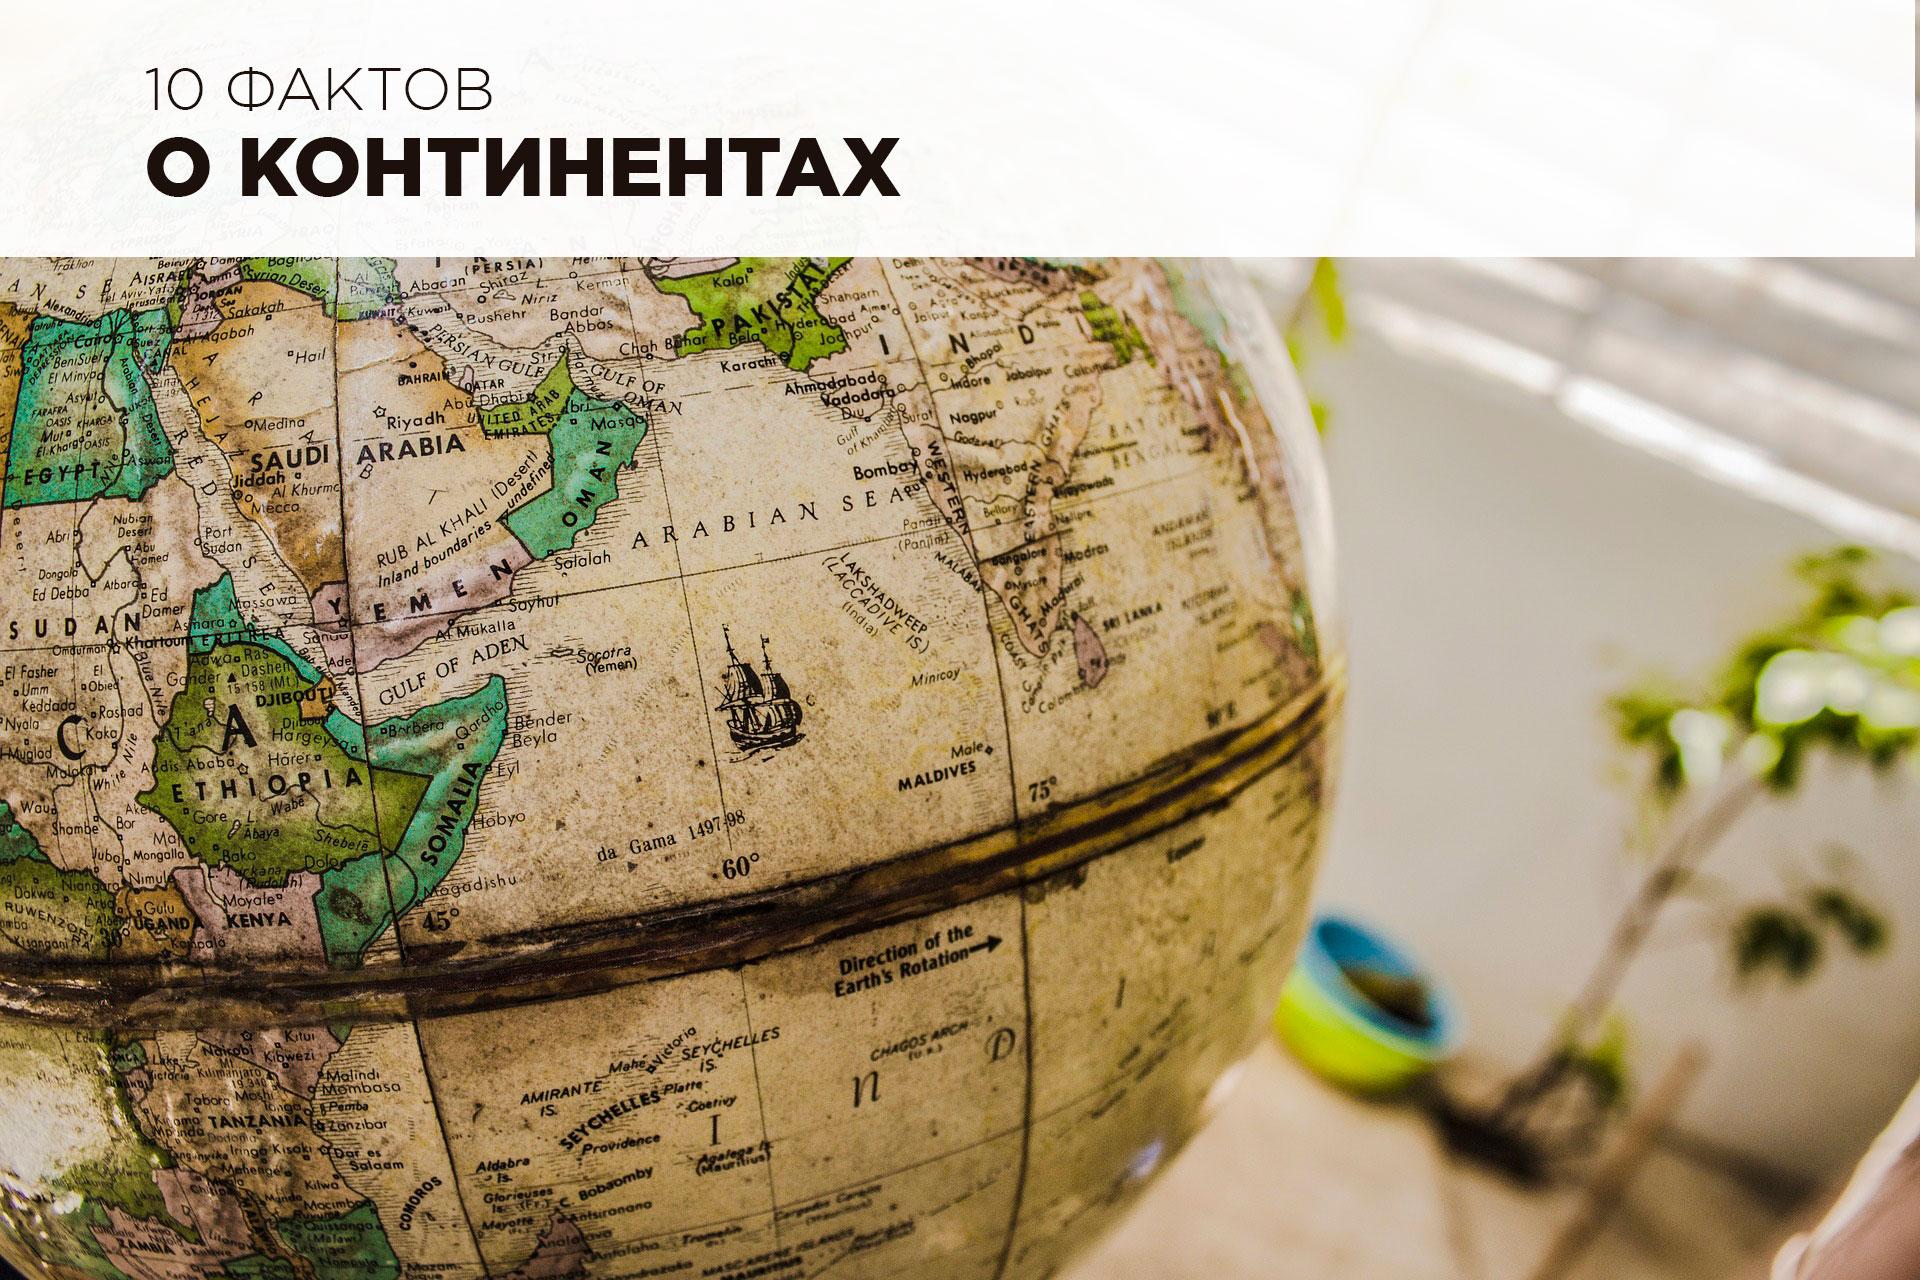 10 интересных фактов о континентах, которые вы должны знать